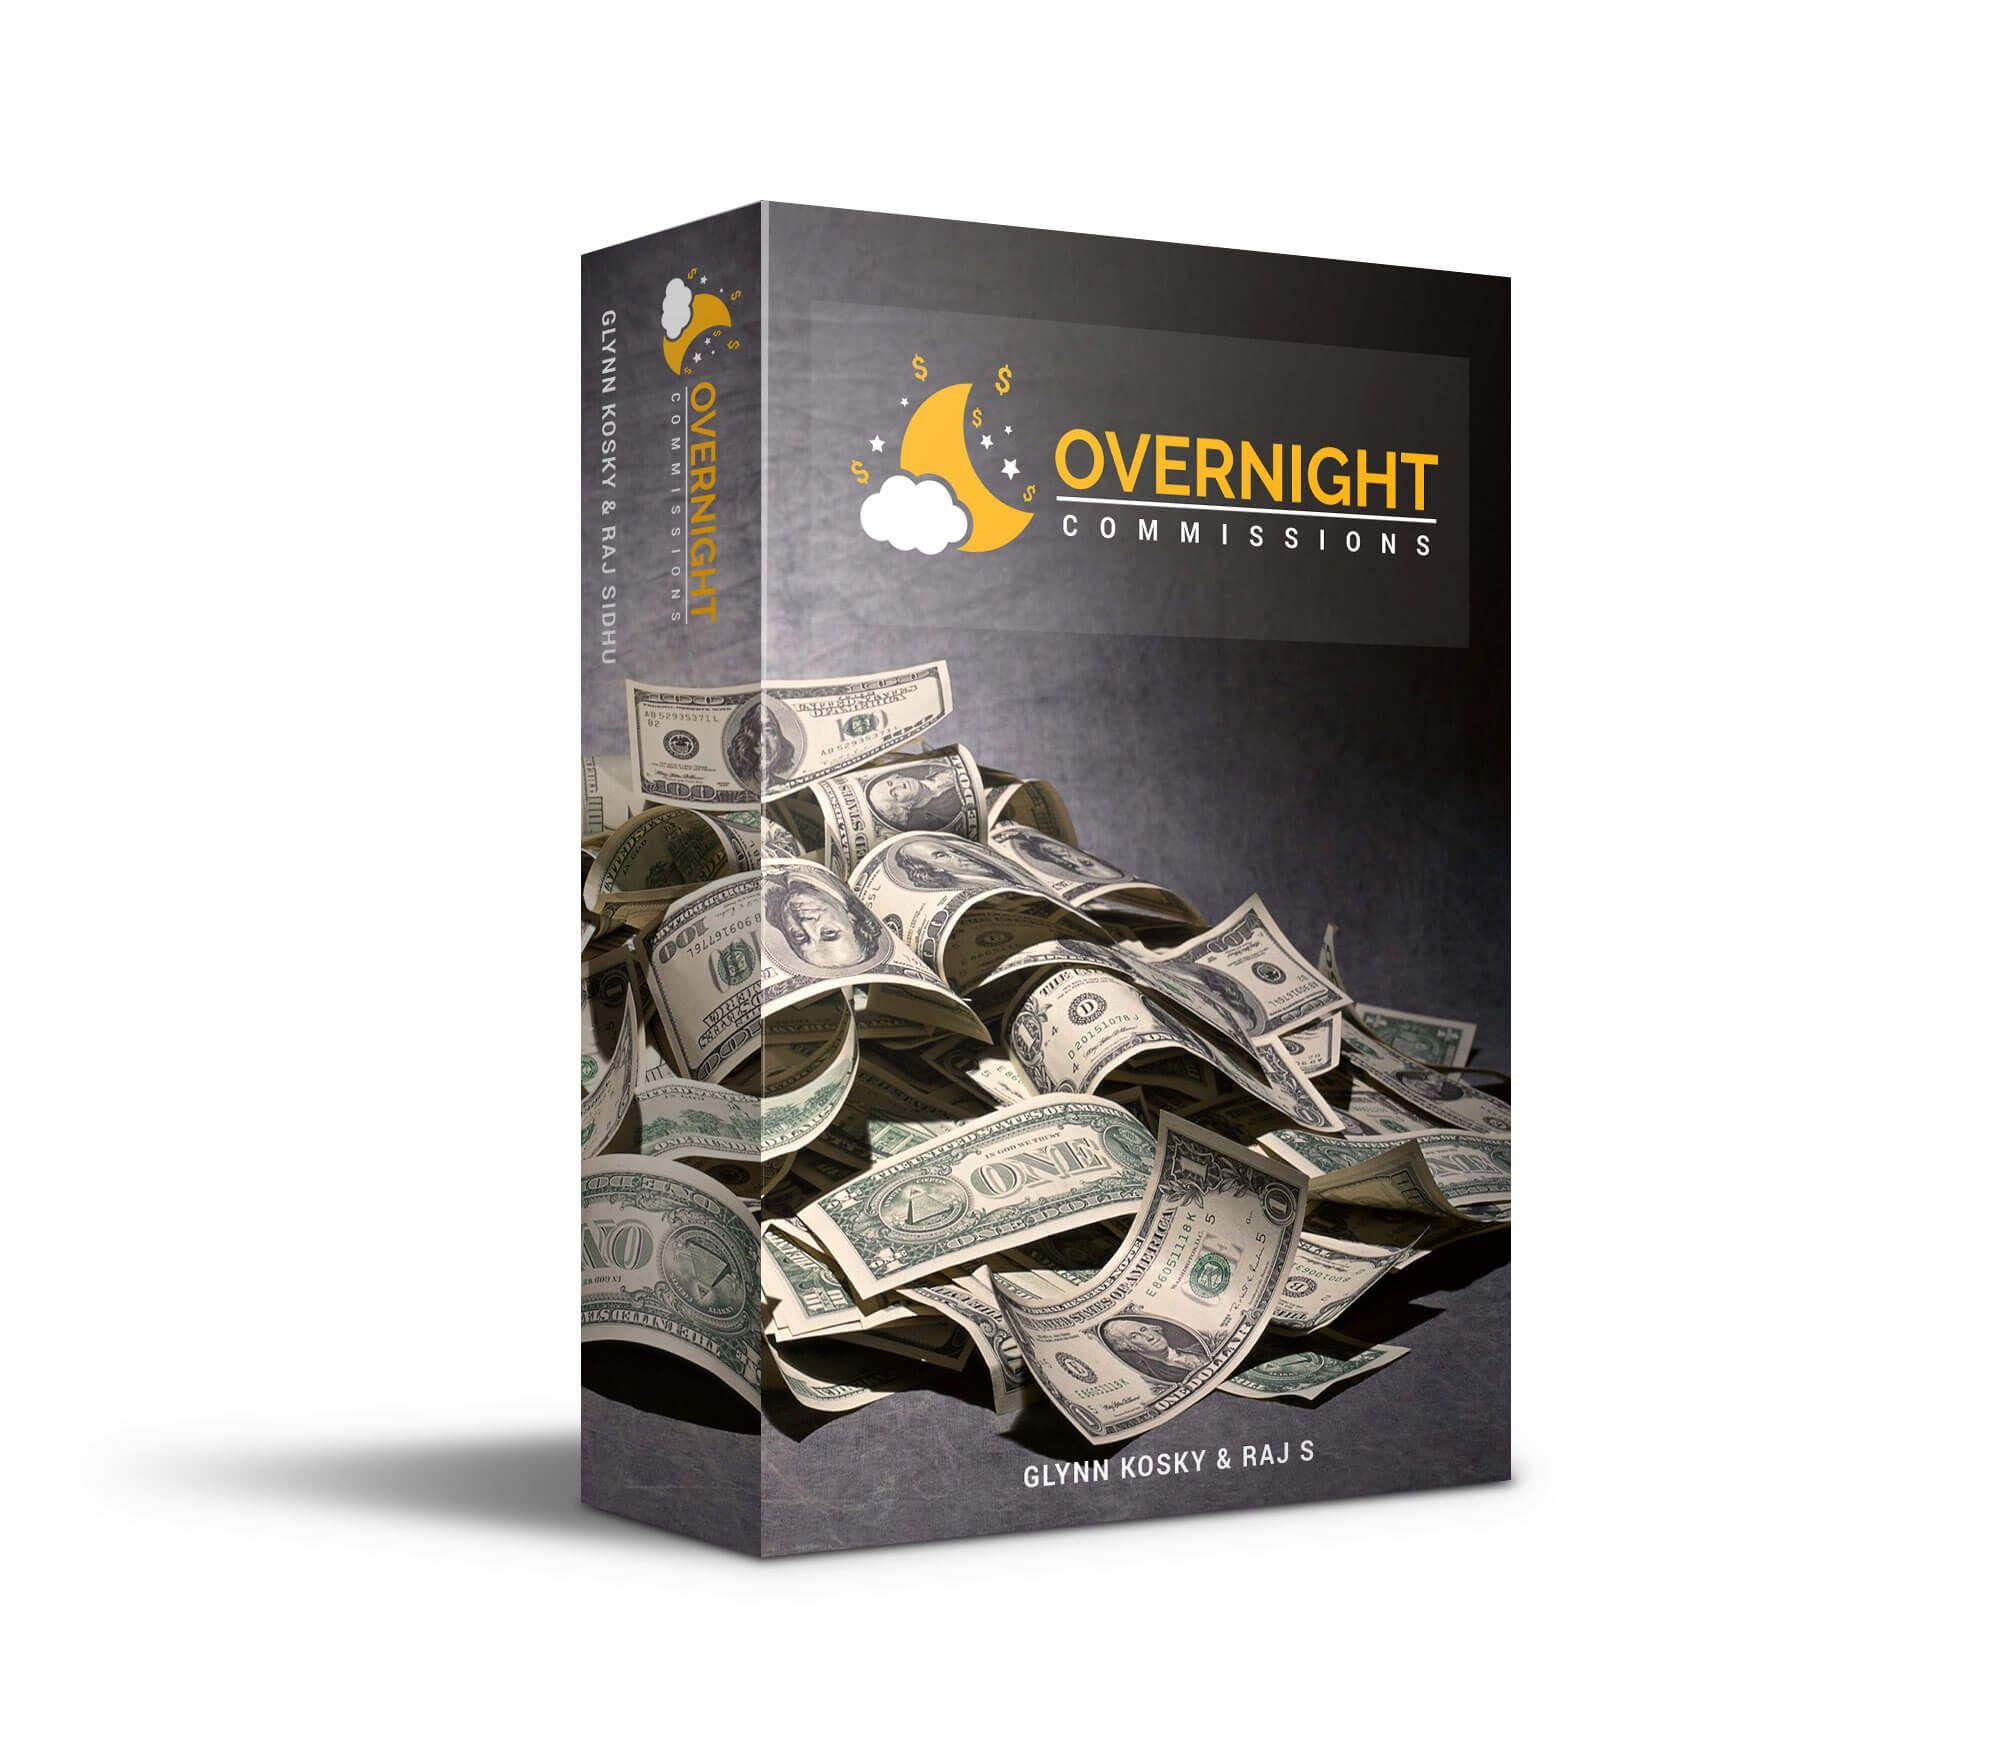 如何从零开始邮件营销建立一个长期收入的电子邮件列表(Overnight Commissions)